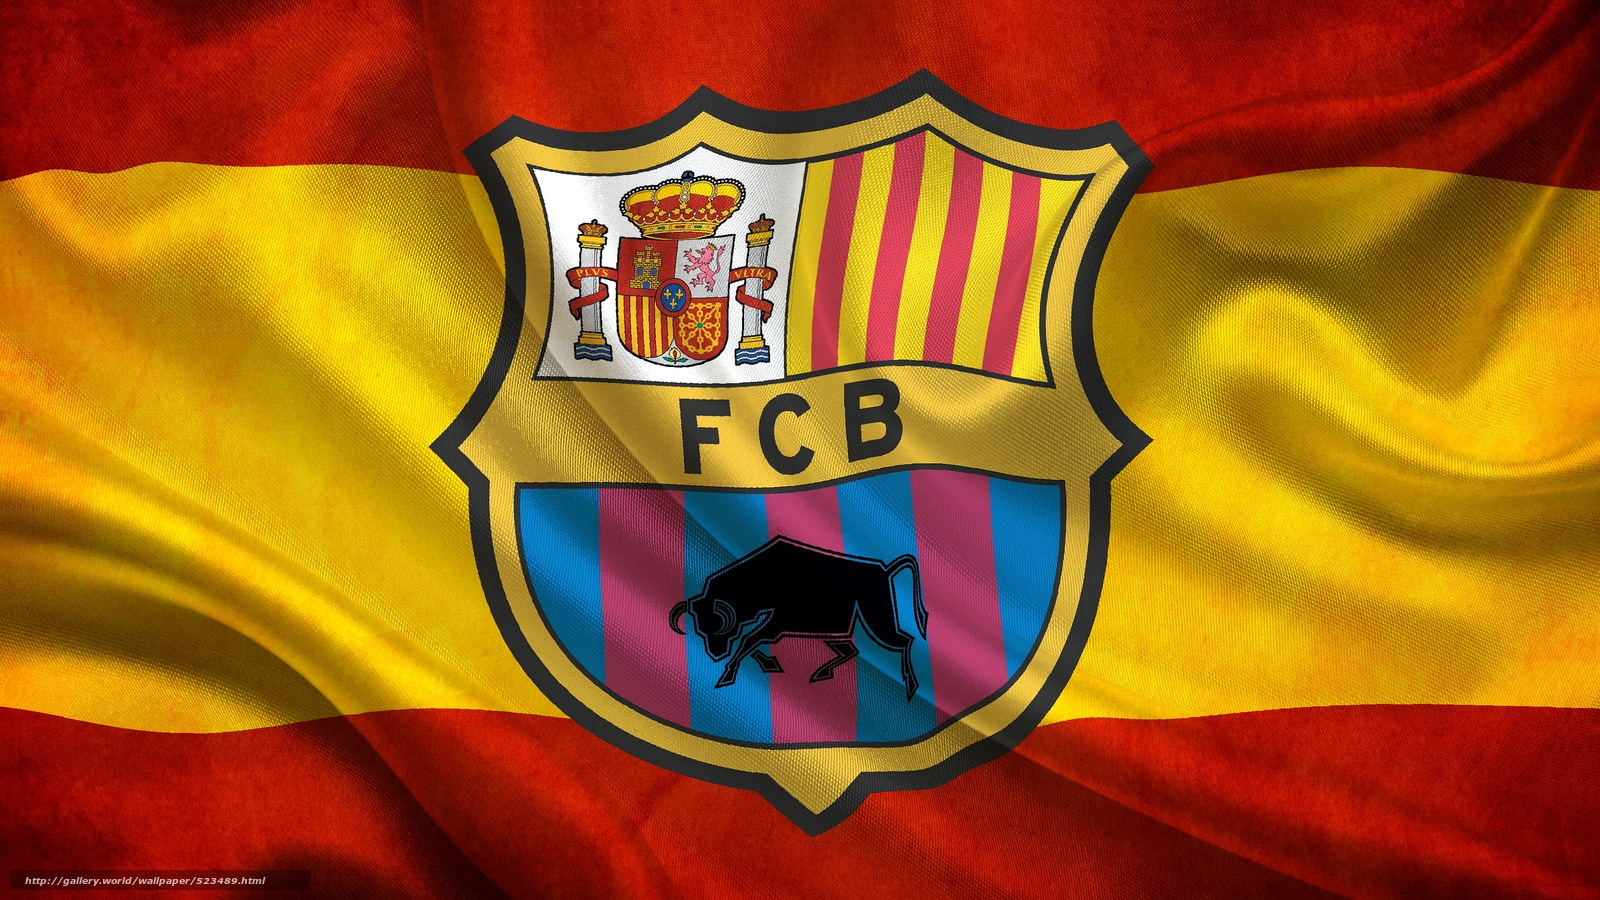 巴塞罗那足球俱乐部, 巴萨